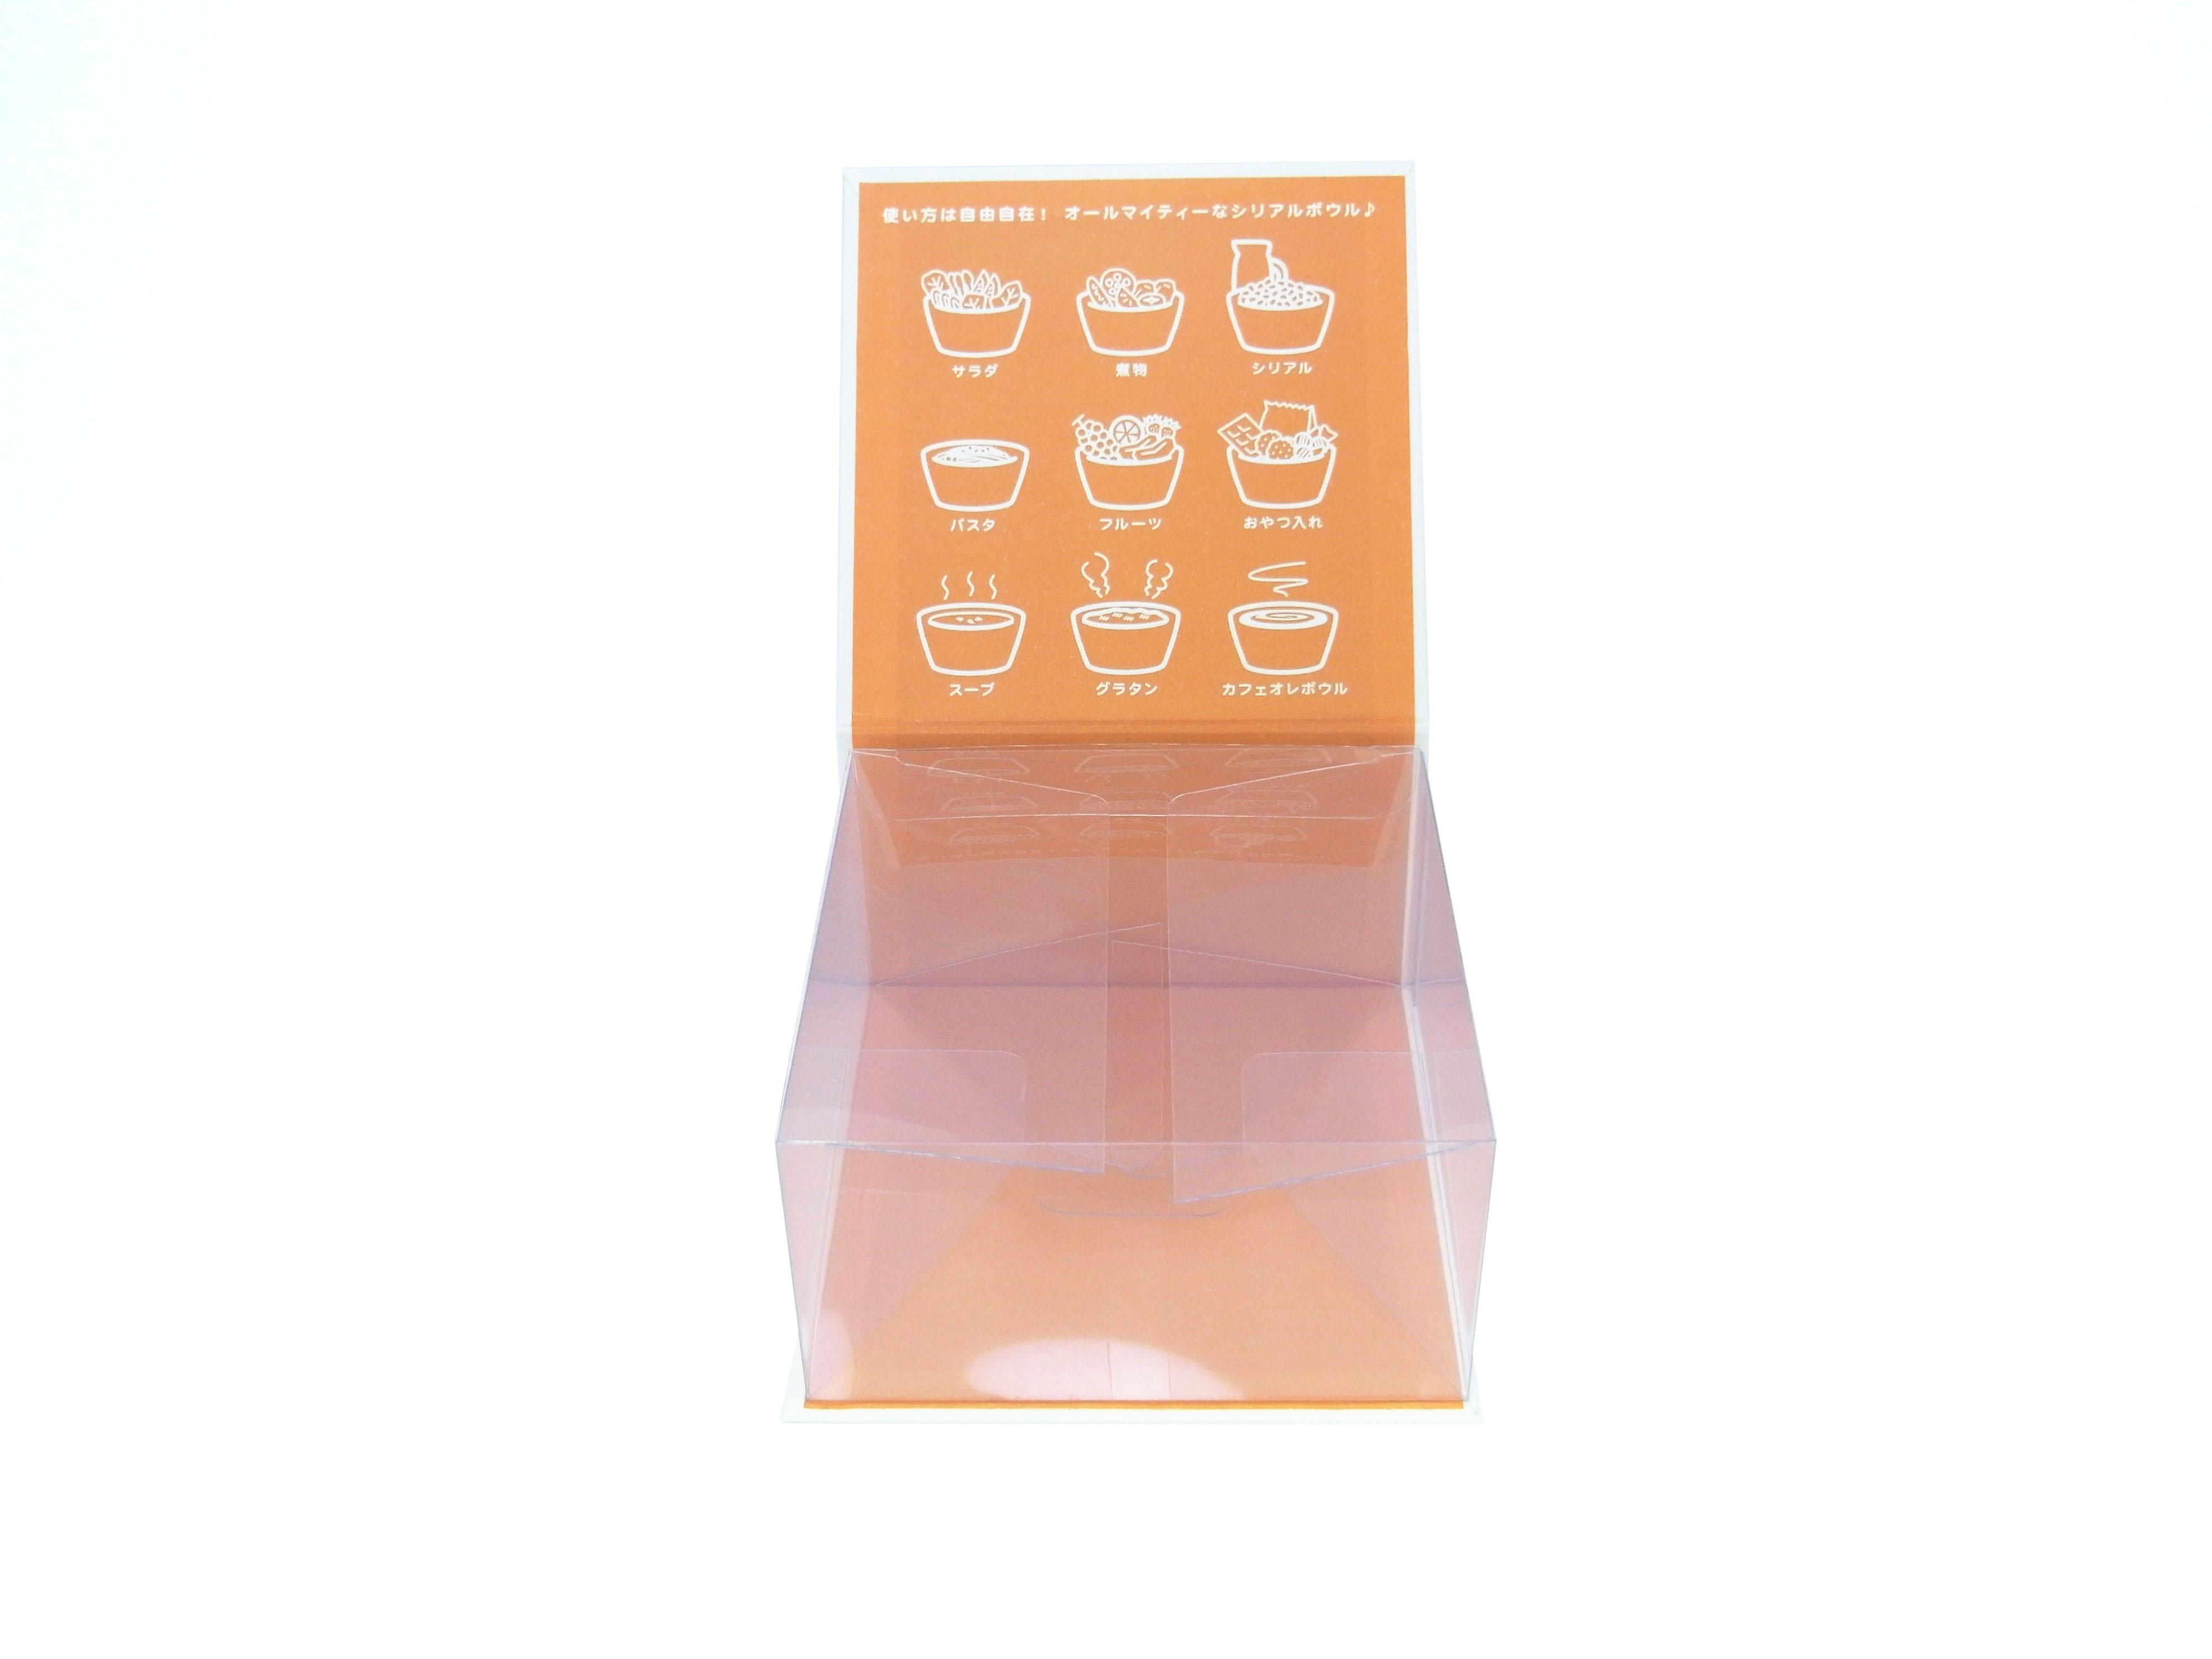 貼箱 クリアケース オリジナル デザイン 表紙